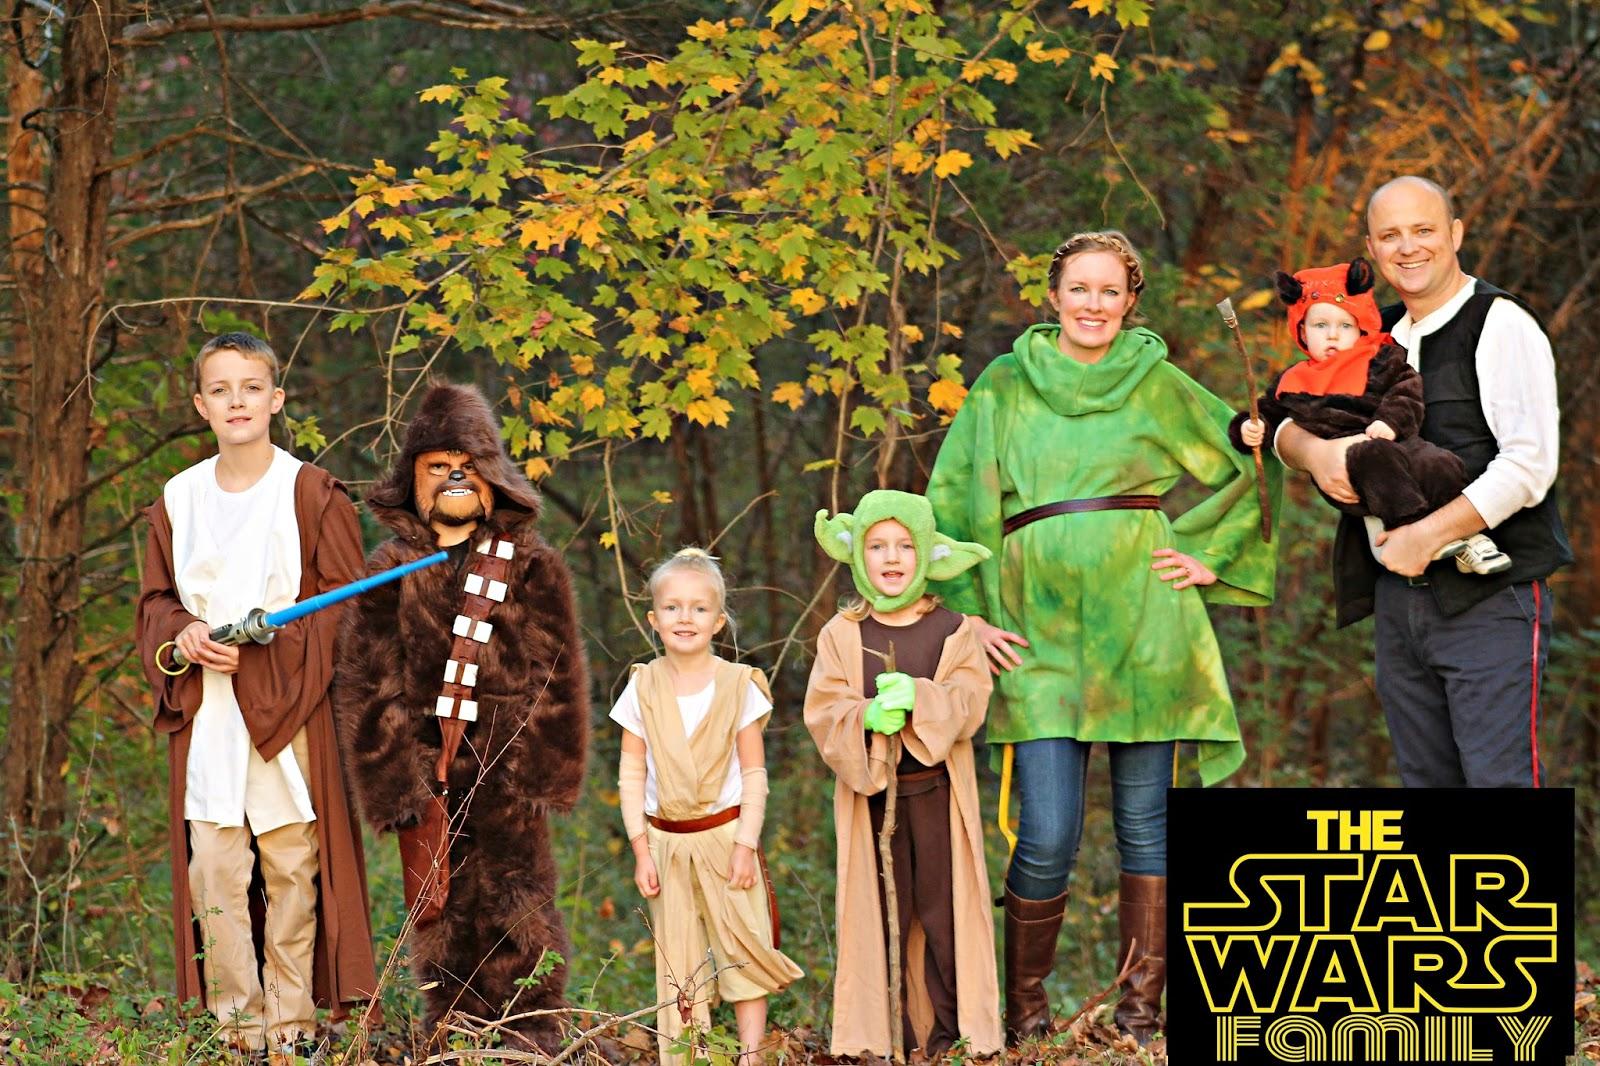 Star Wars Family Costumes  sc 1 st  Freshly Completed & Freshly Completed: Star Wars Family Costumes